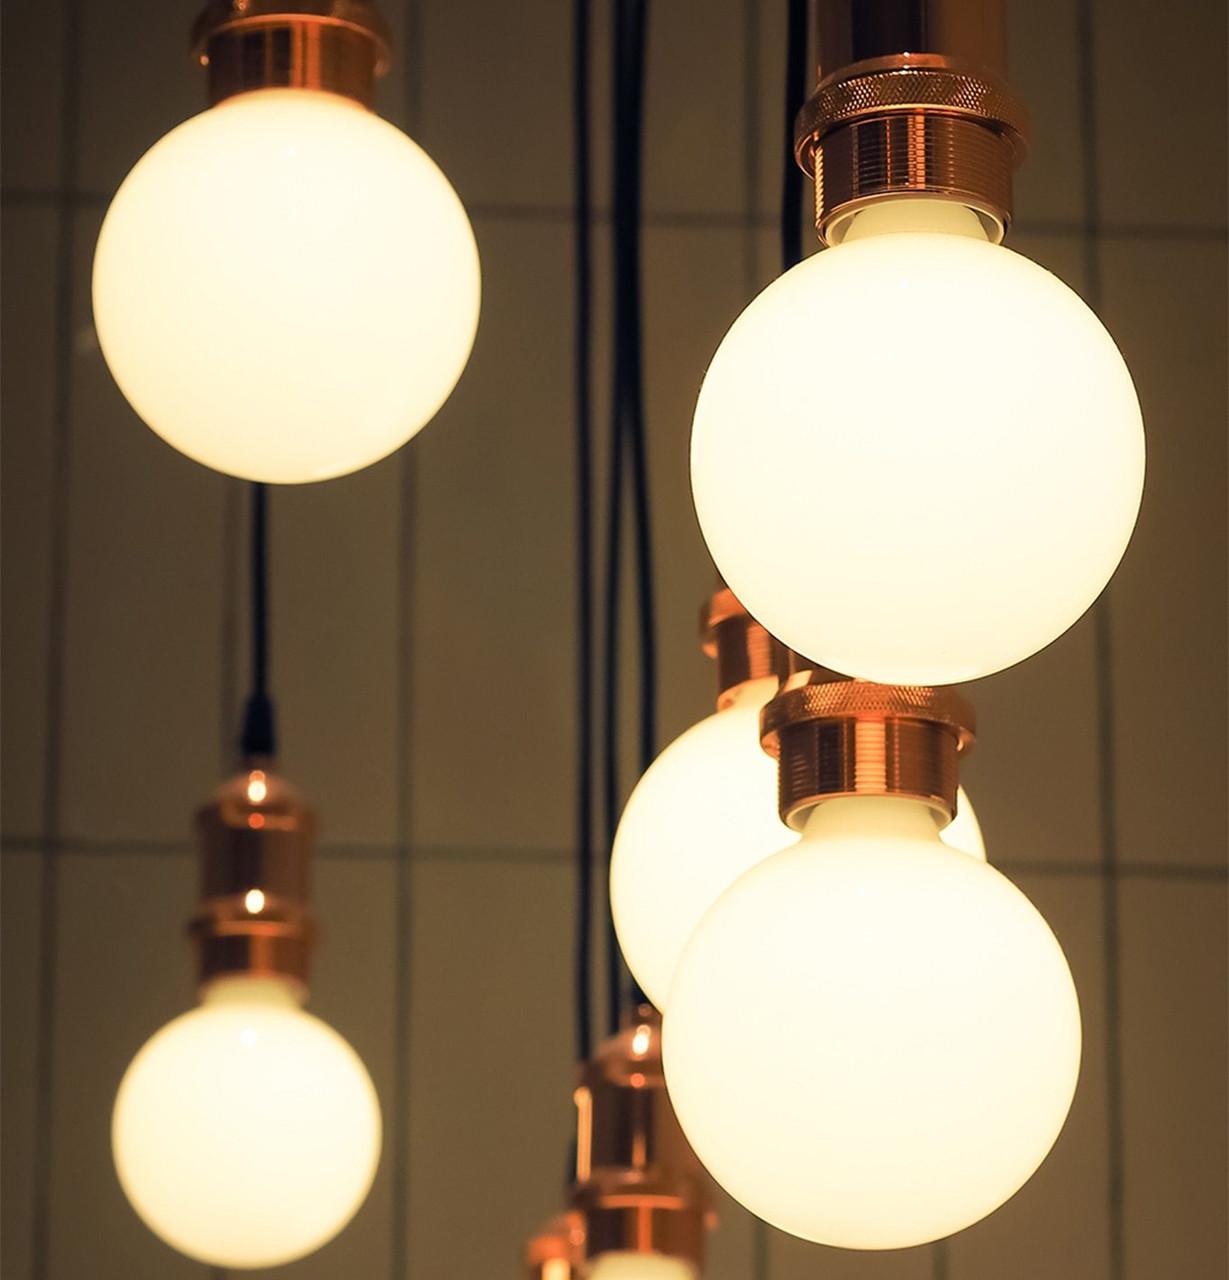 LED G80 2200K Light Bulbs